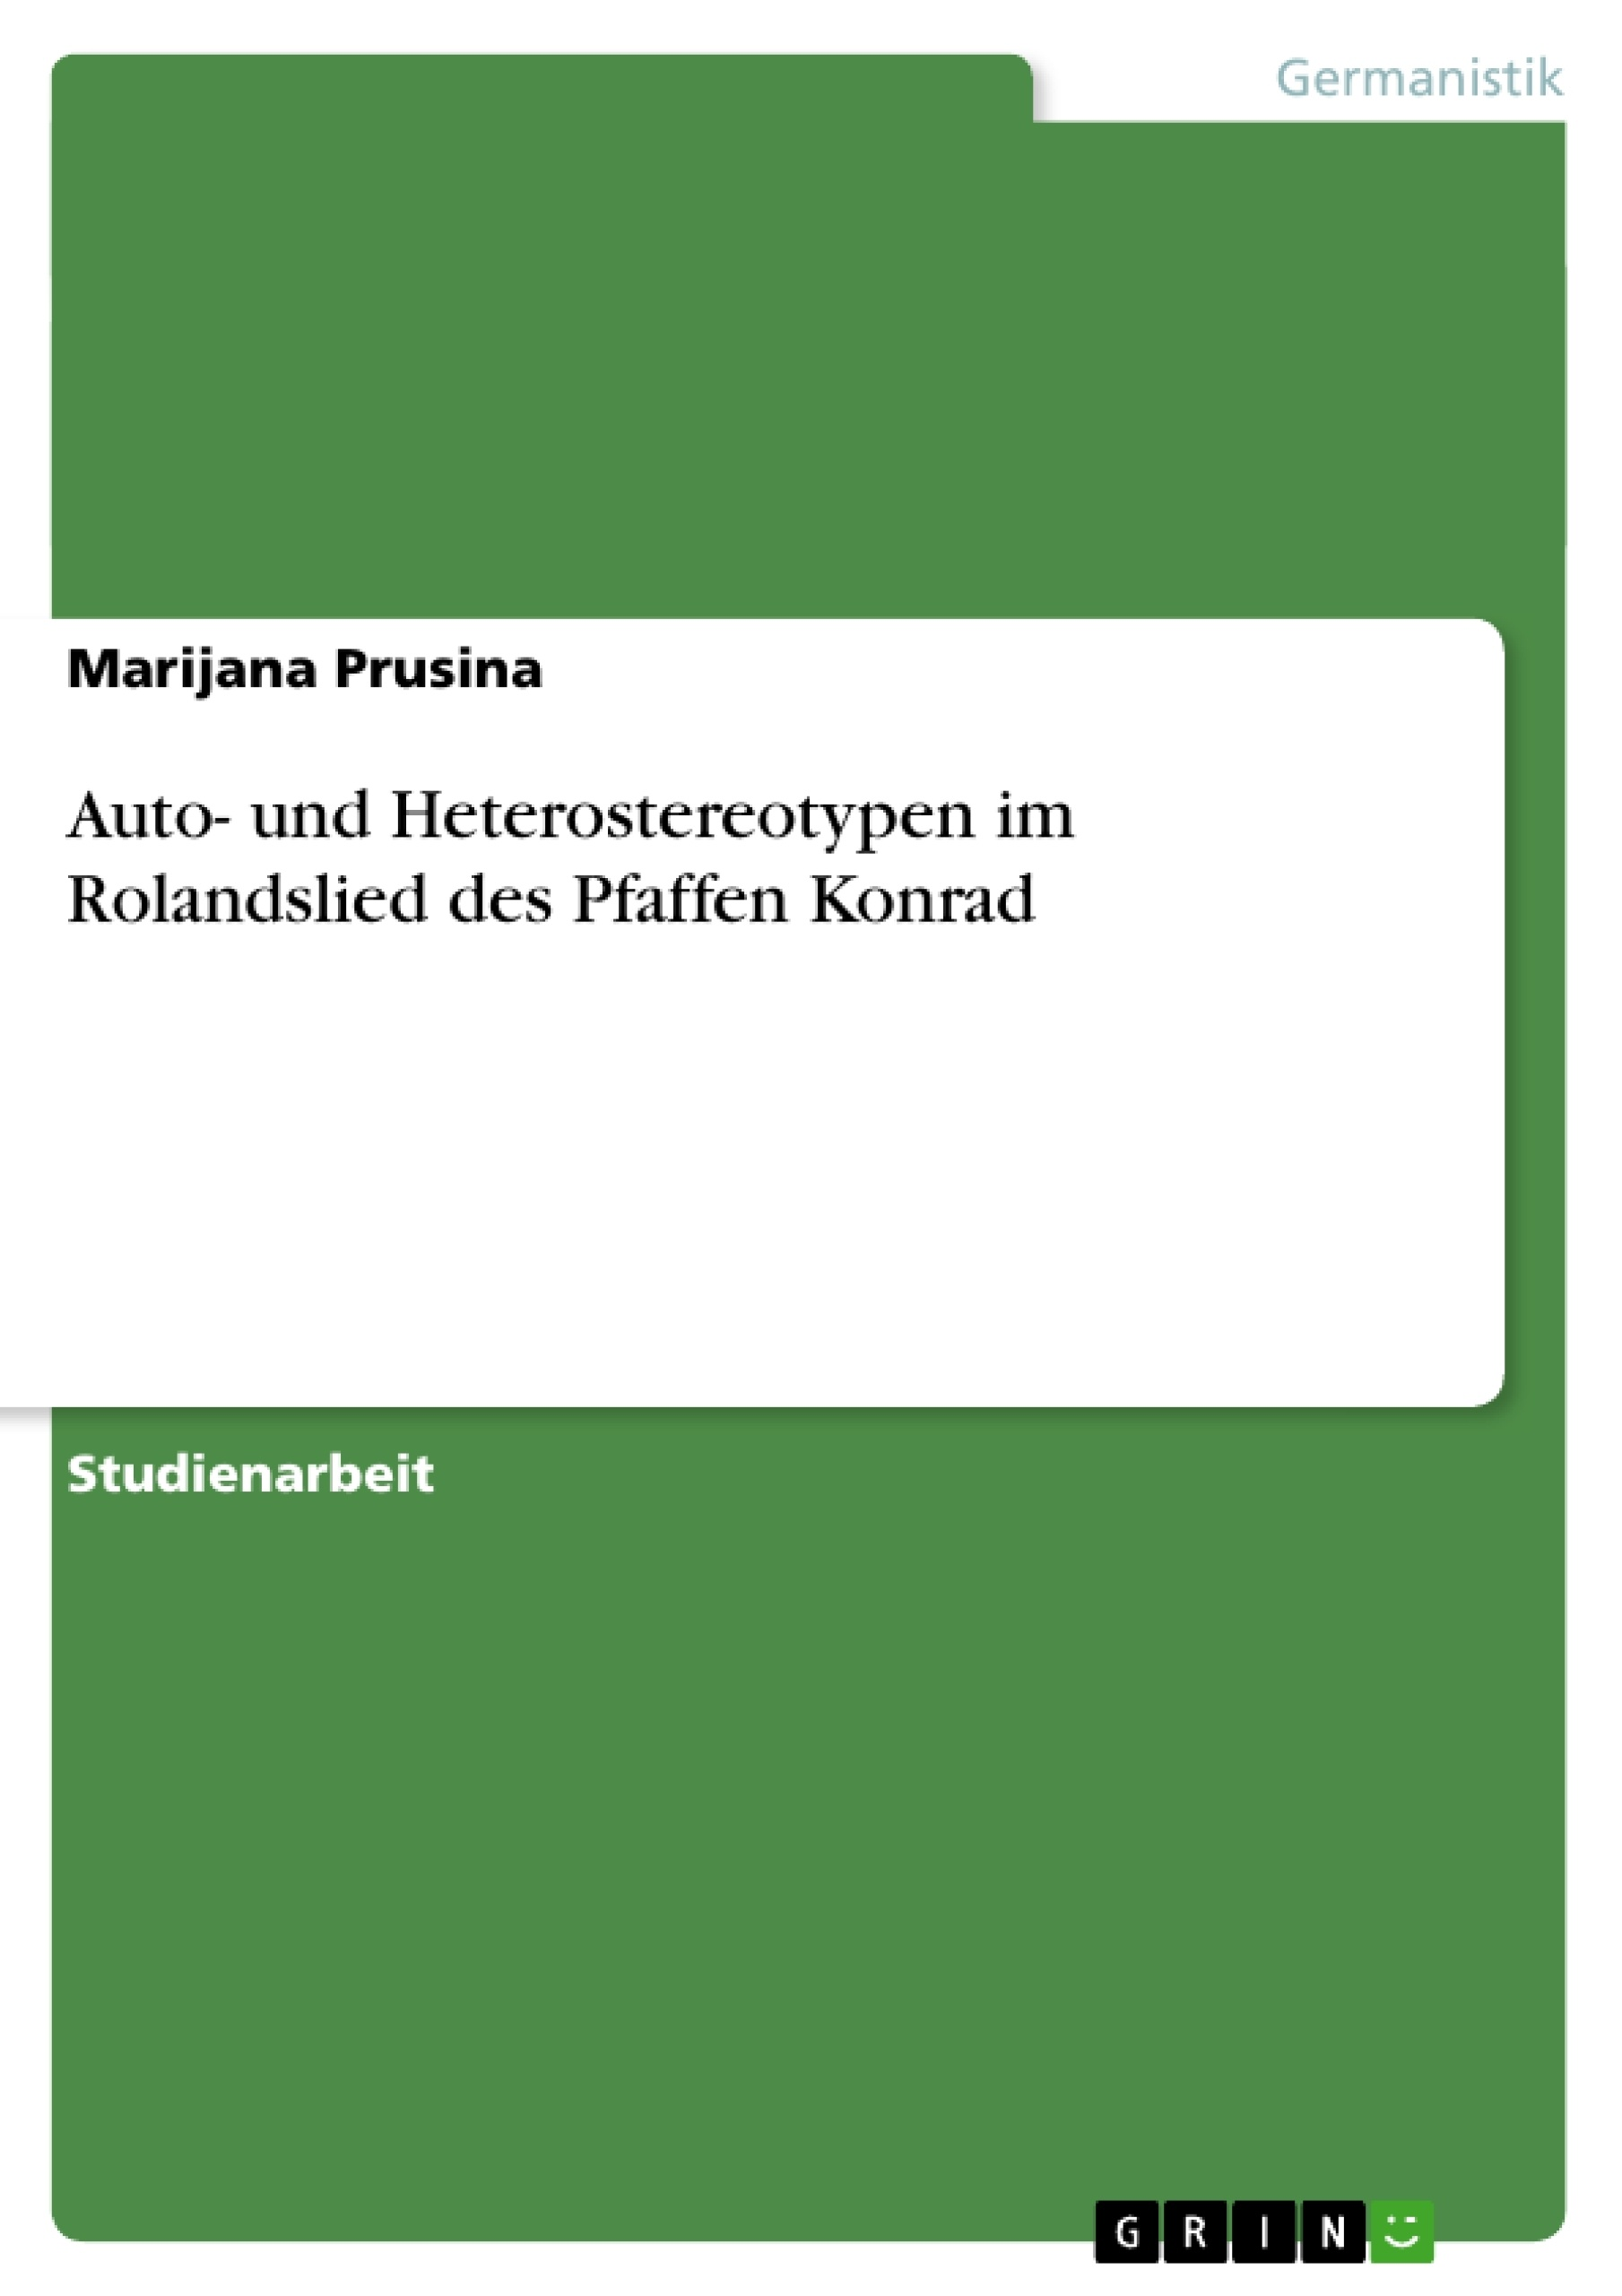 Titel: Auto- und Heterostereotypen im Rolandslied des Pfaffen Konrad